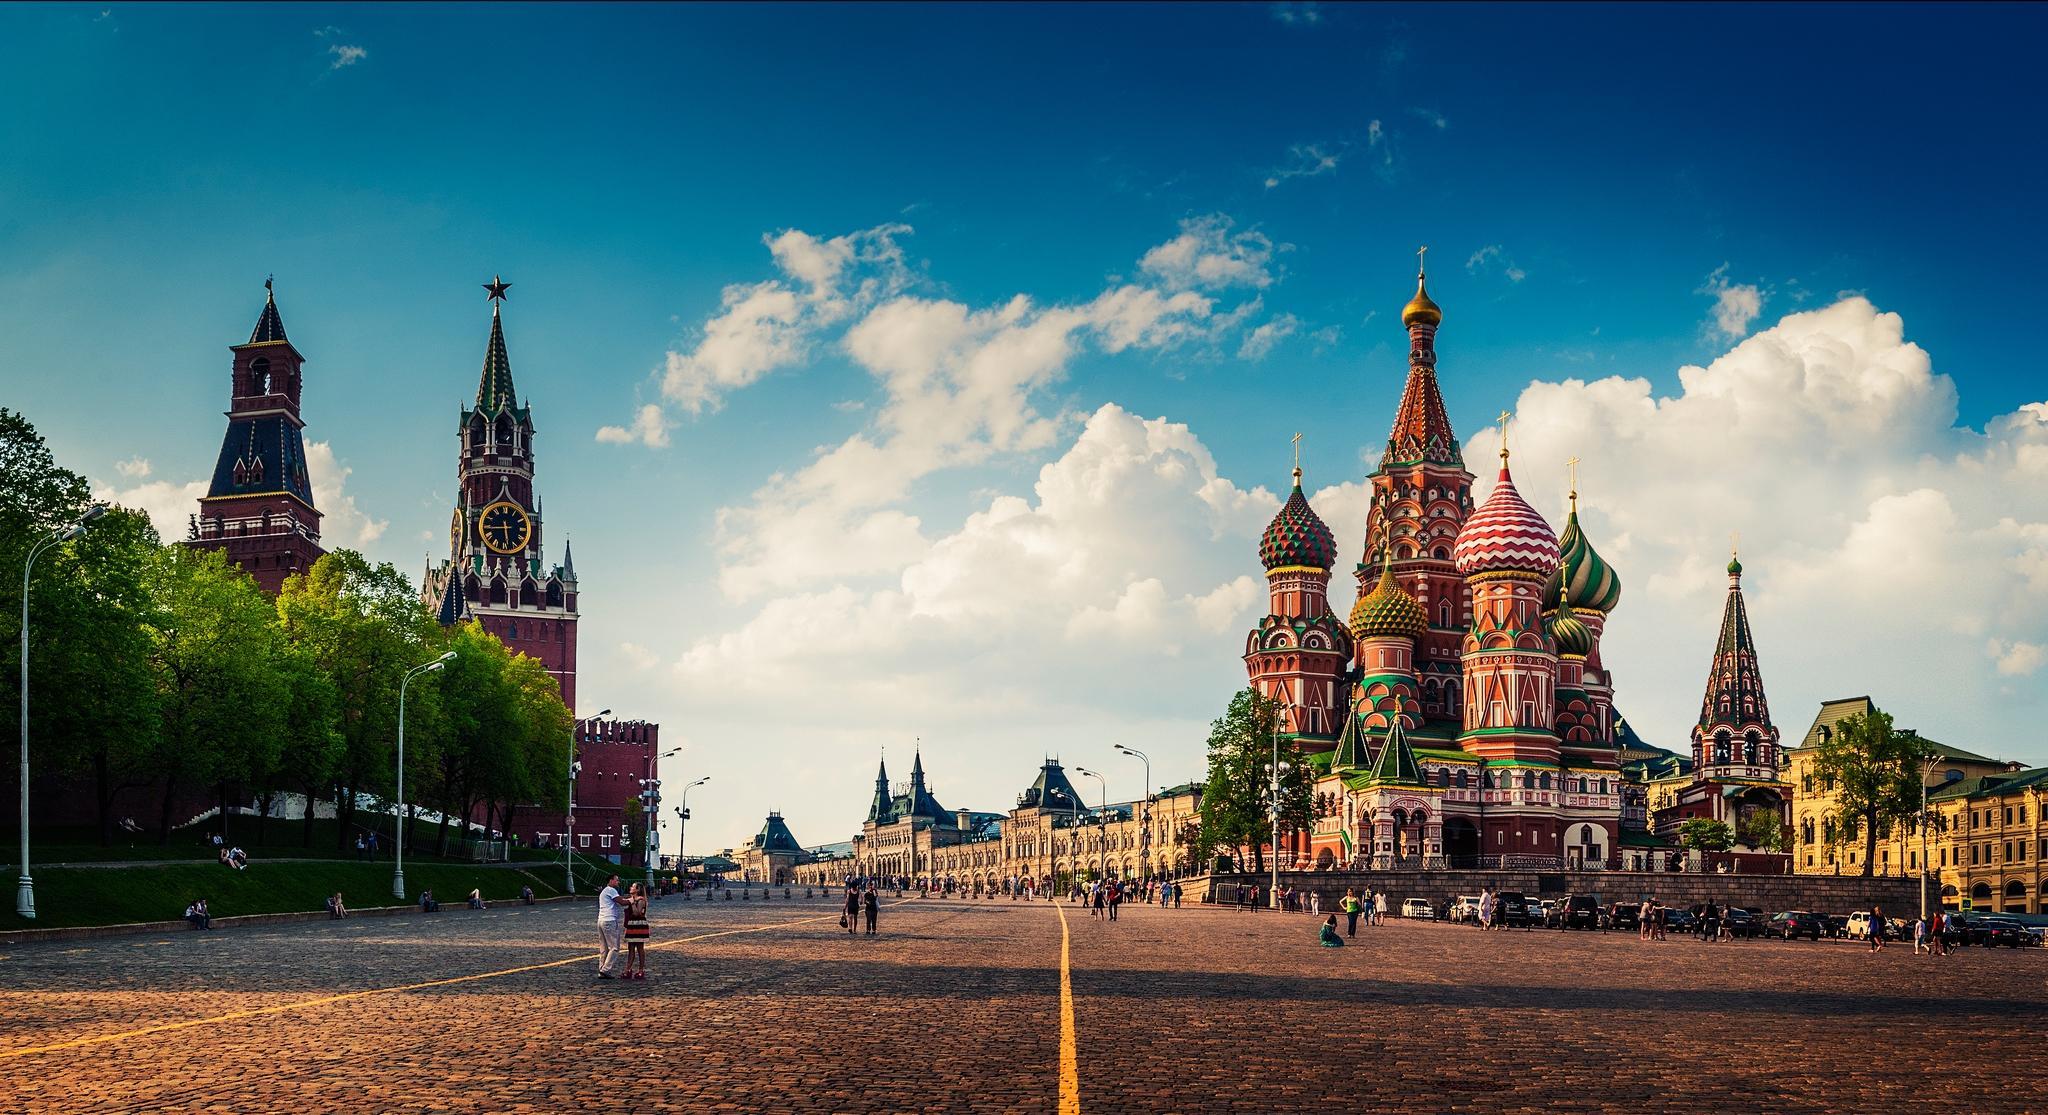 архитектура страны Москва Россия город  № 2582295 загрузить